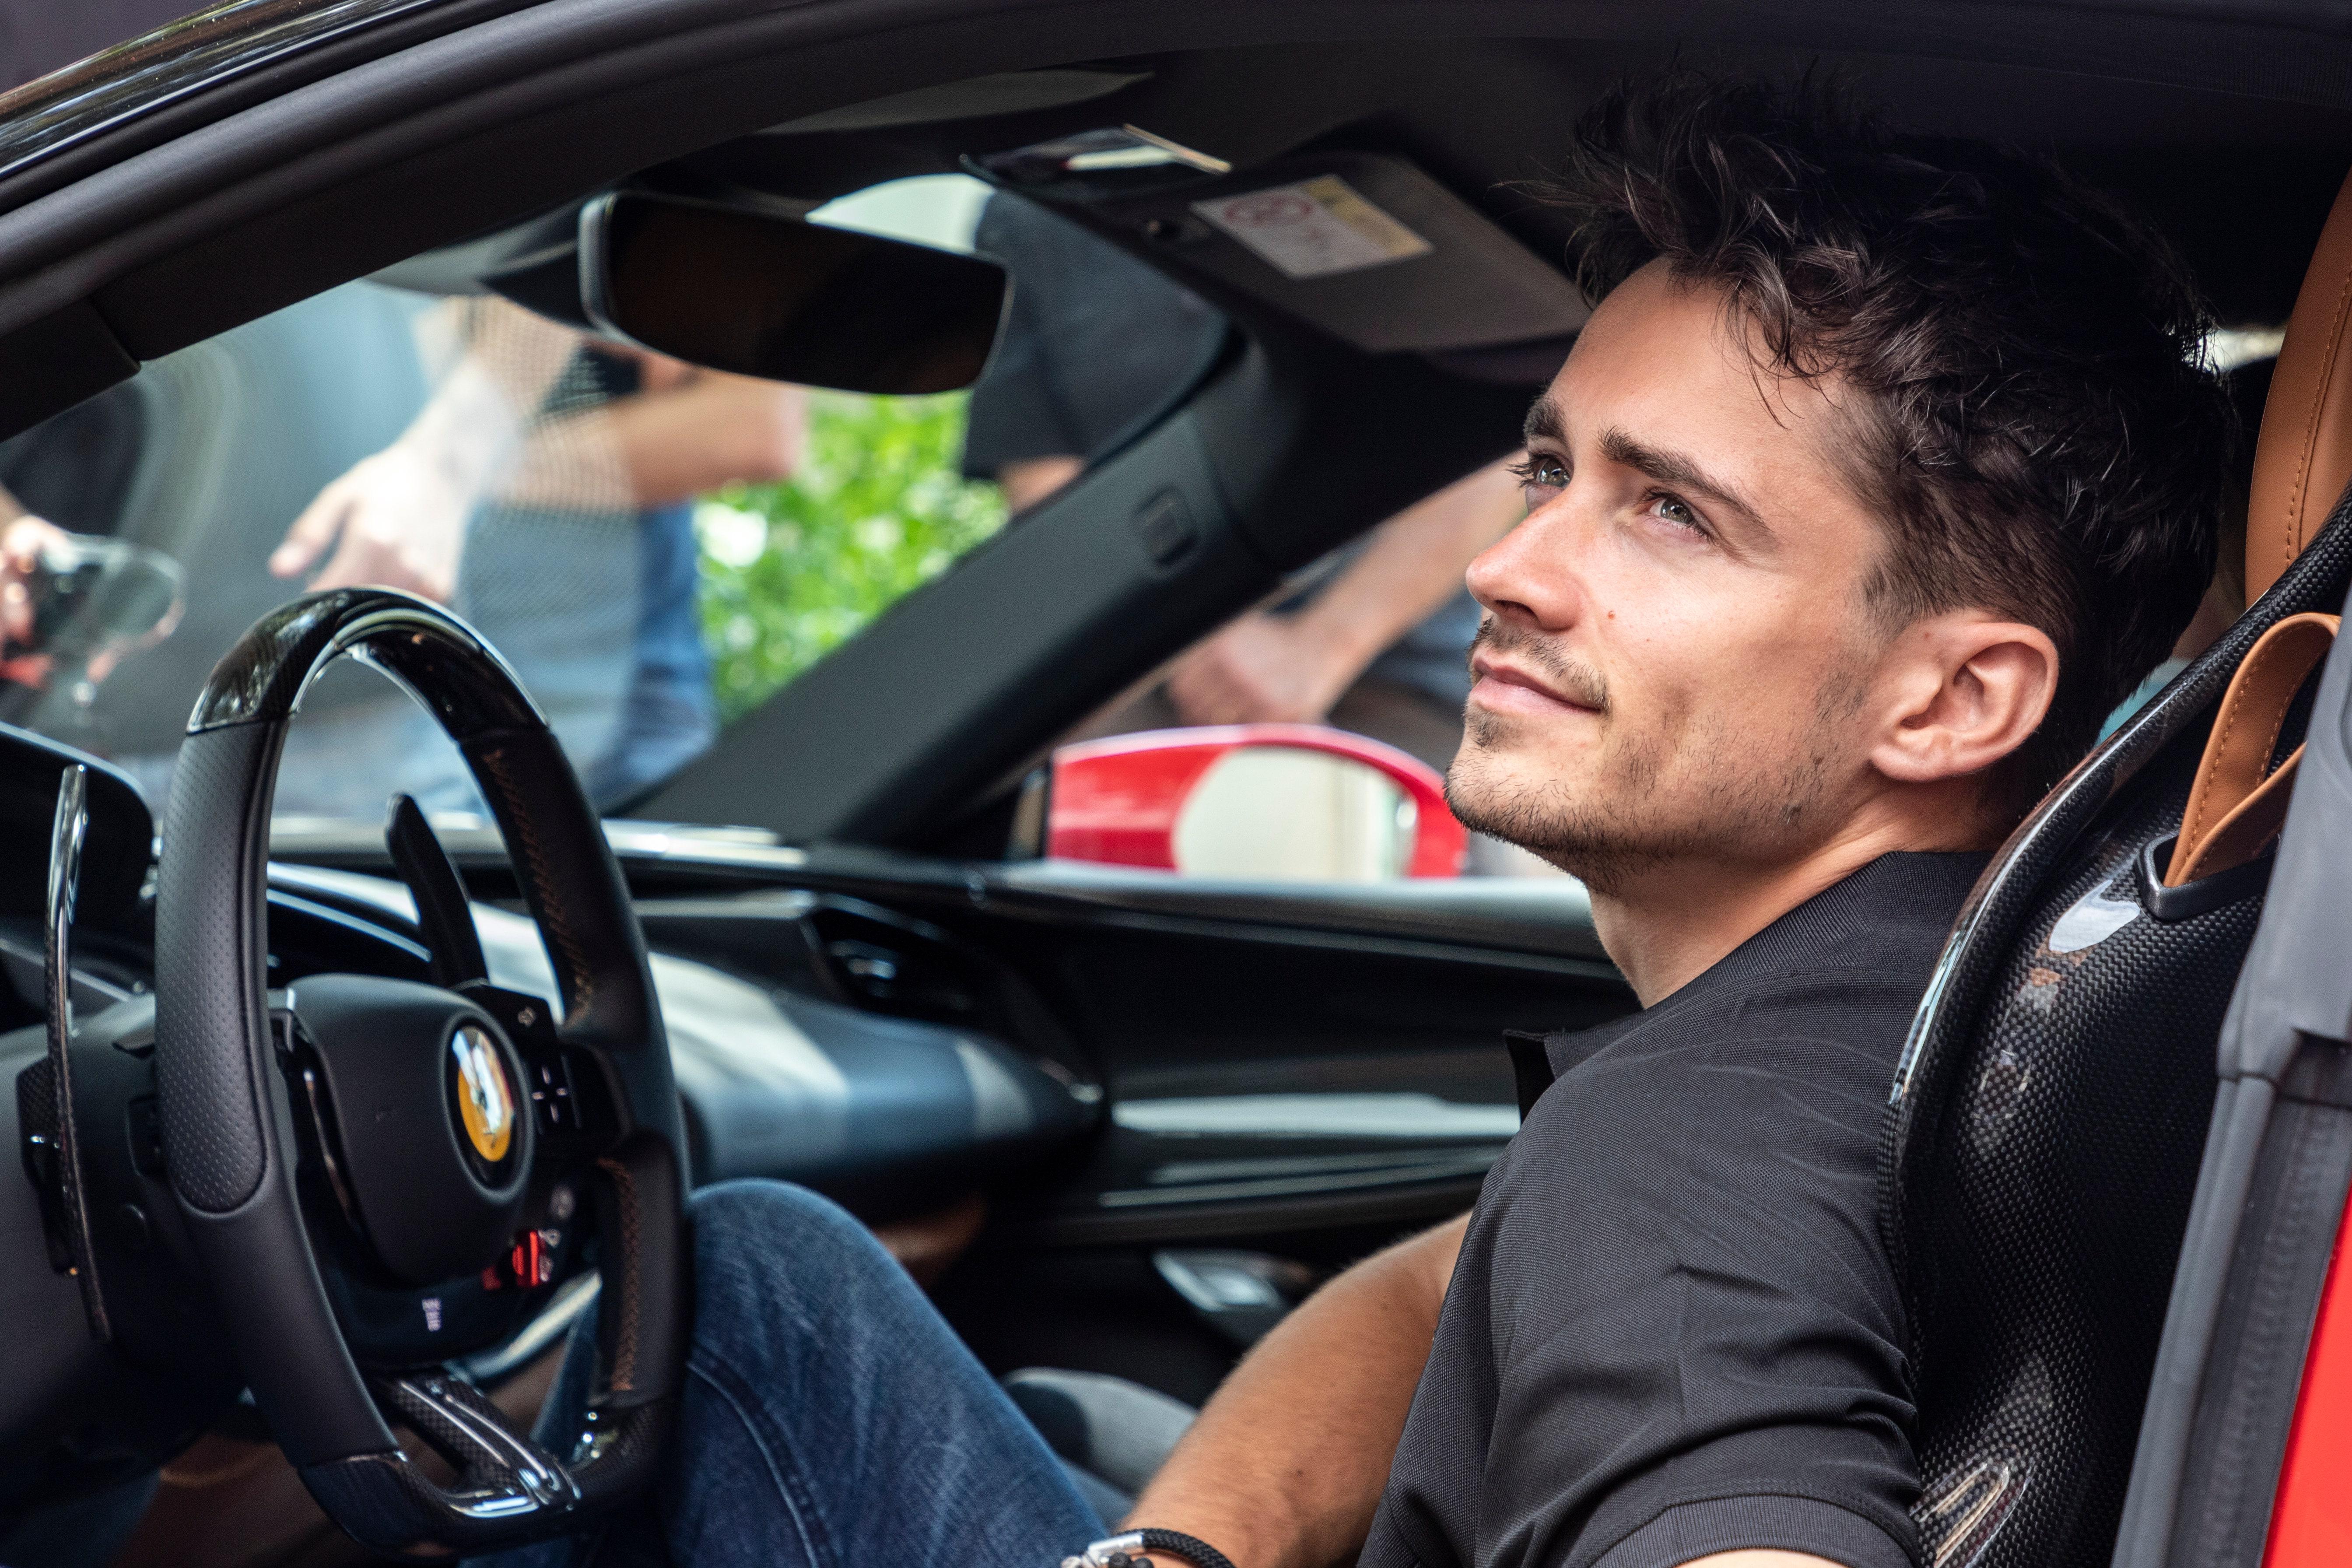 ルルーシュ監督の名作短編『ランデヴー』の続編を観たか? フェラーリ「SF 90ストラダーレ」がモナコのGPコースを爆走した